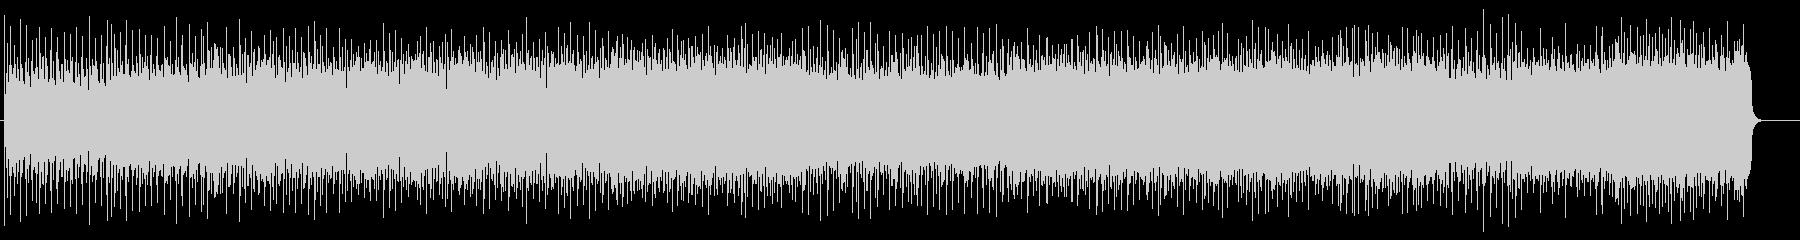 スリリングなマイナーヘヴィロックの未再生の波形